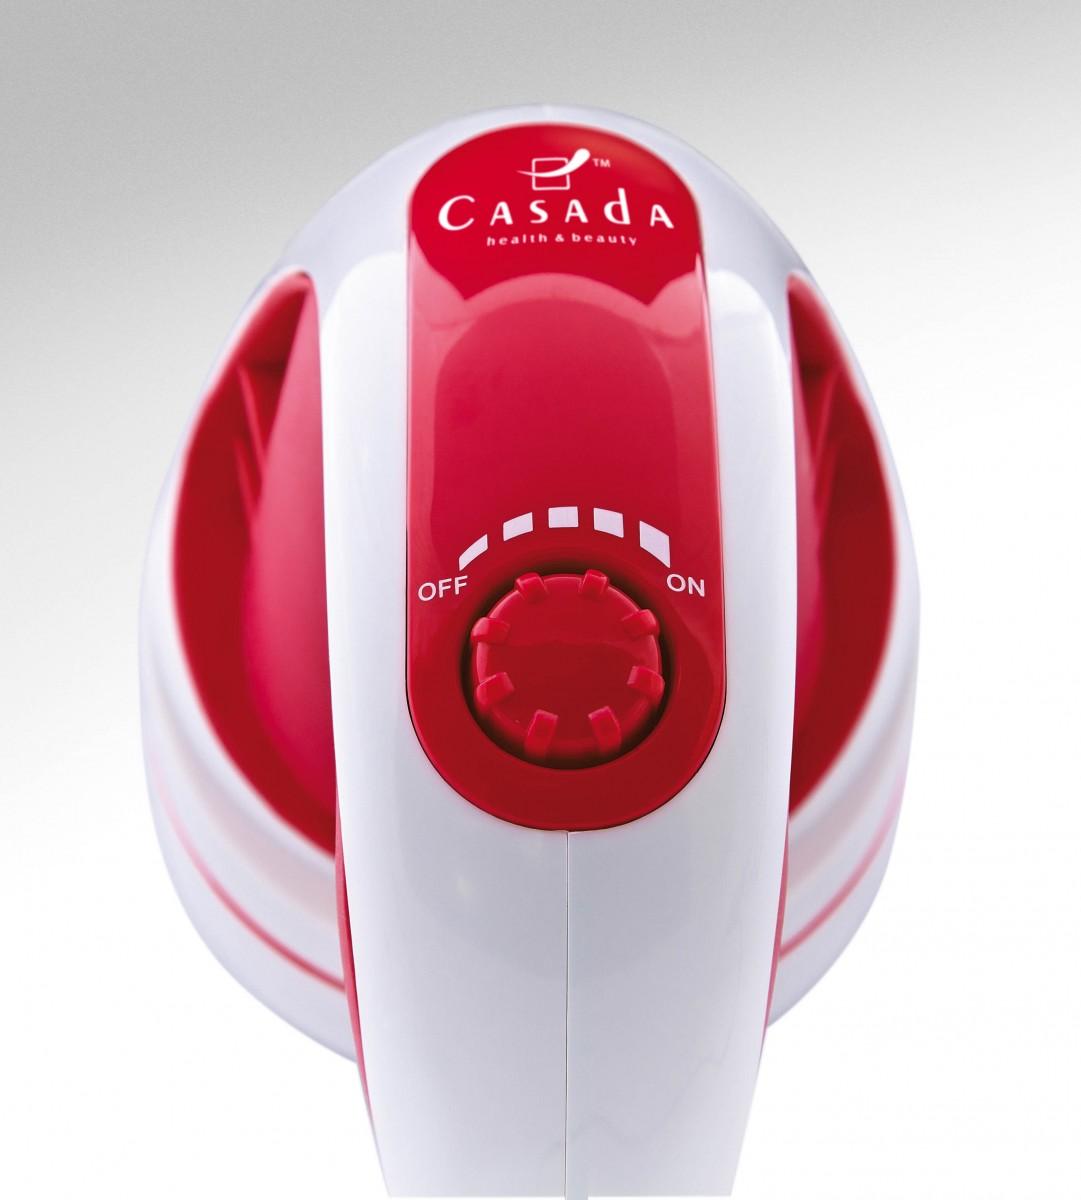 Casada health beauty массажер женское нижнее белье в бутово